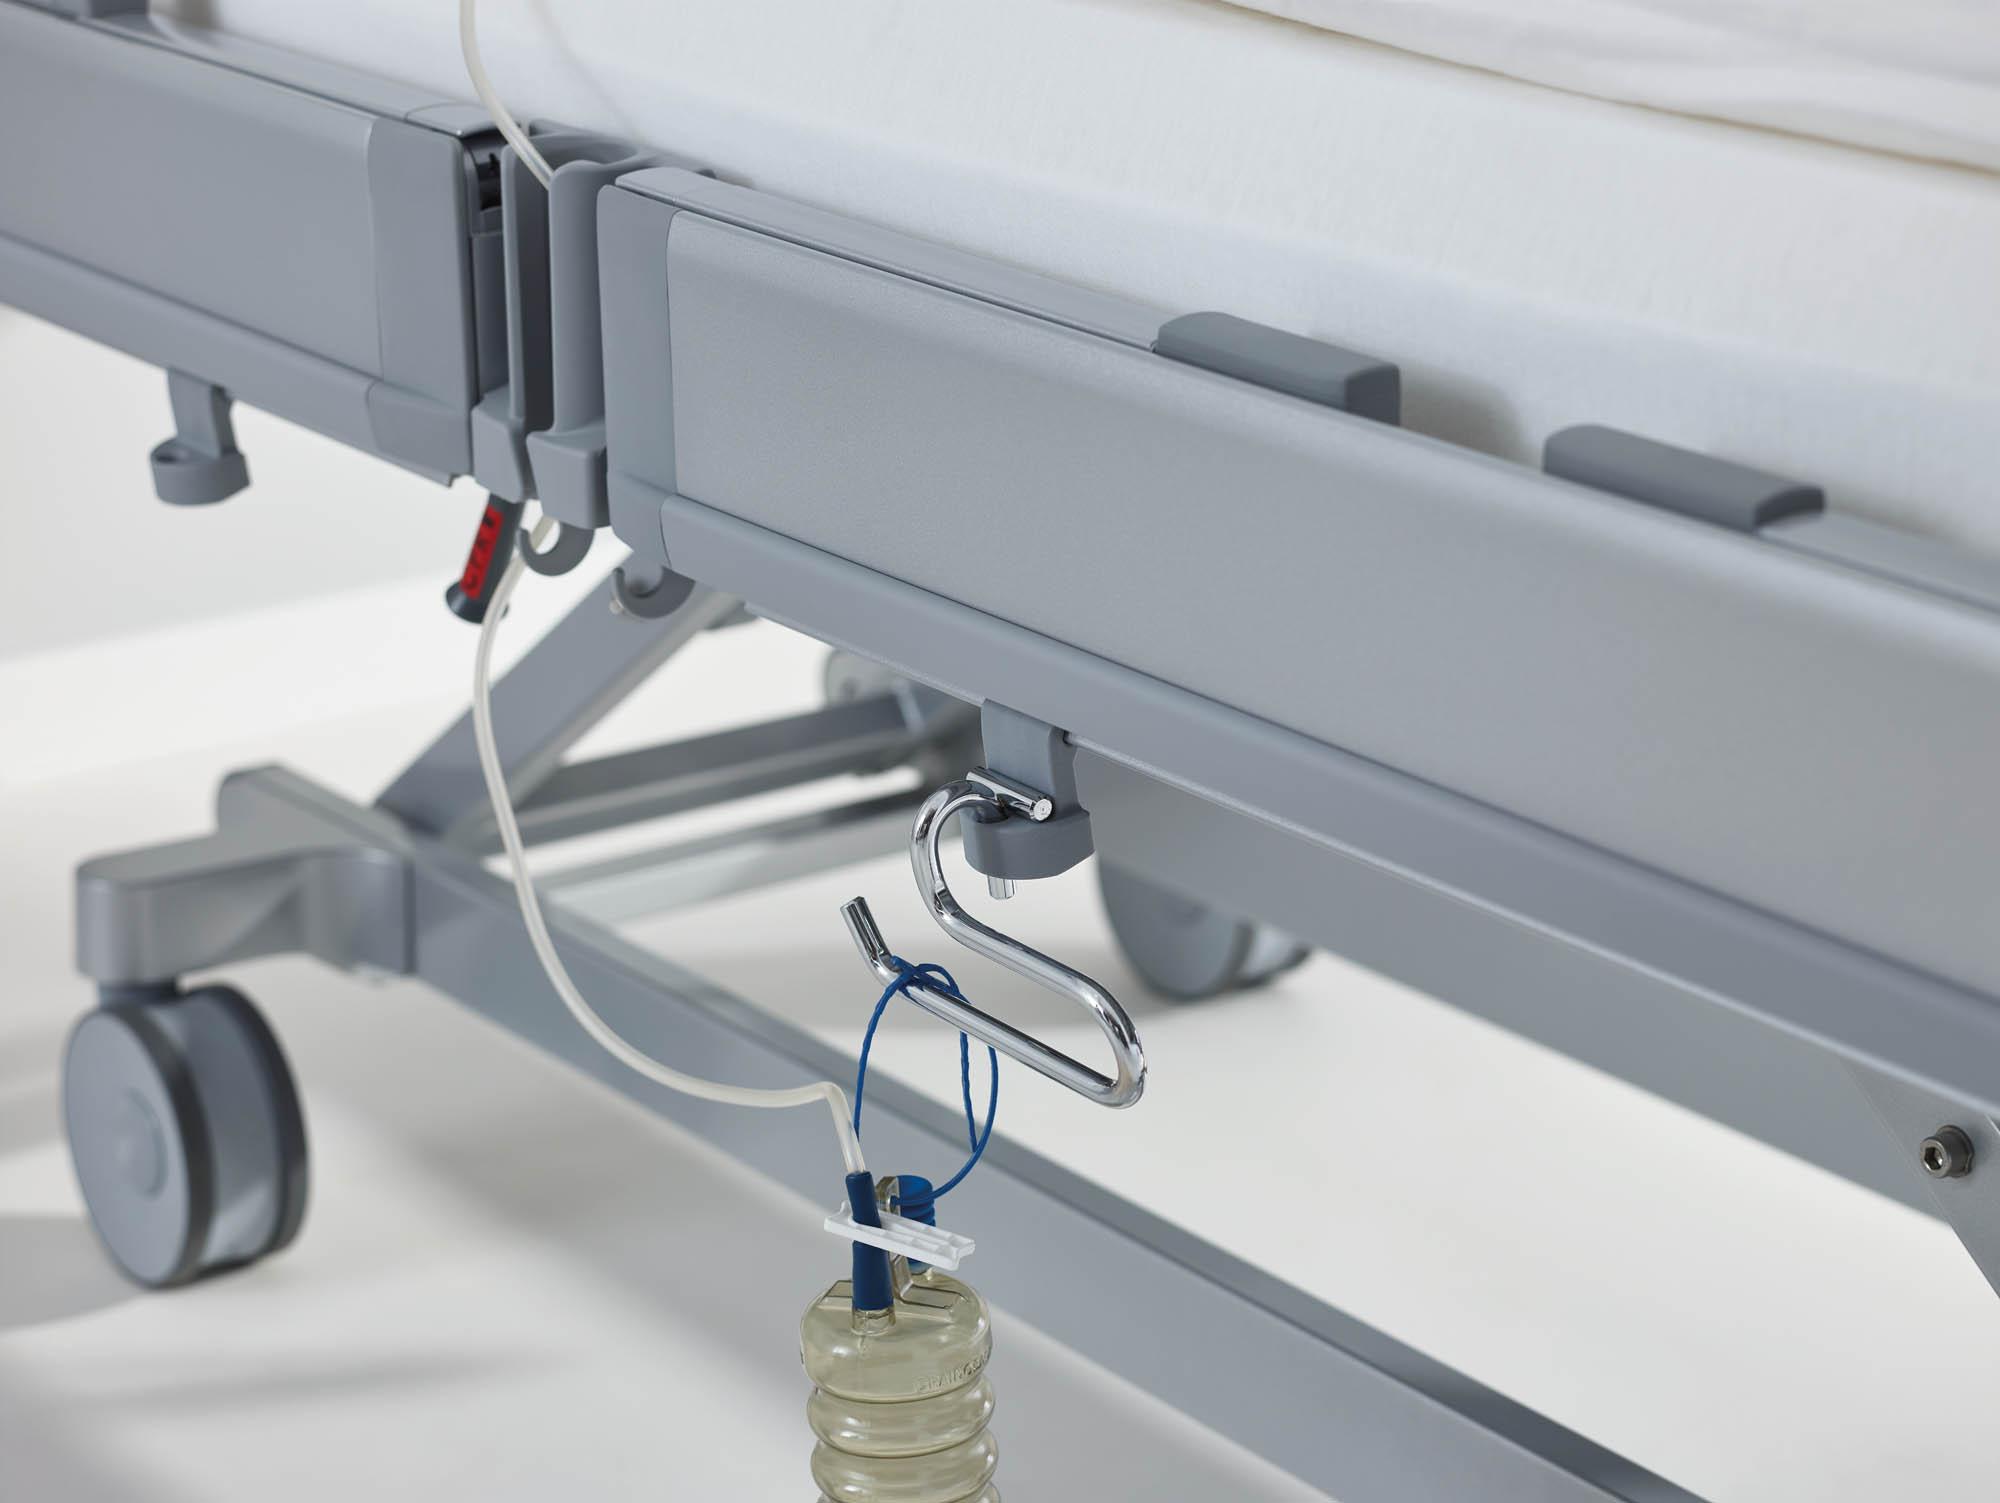 Der Universalbügel nimmt Drainagebeutel und Schlauch sicher auf.